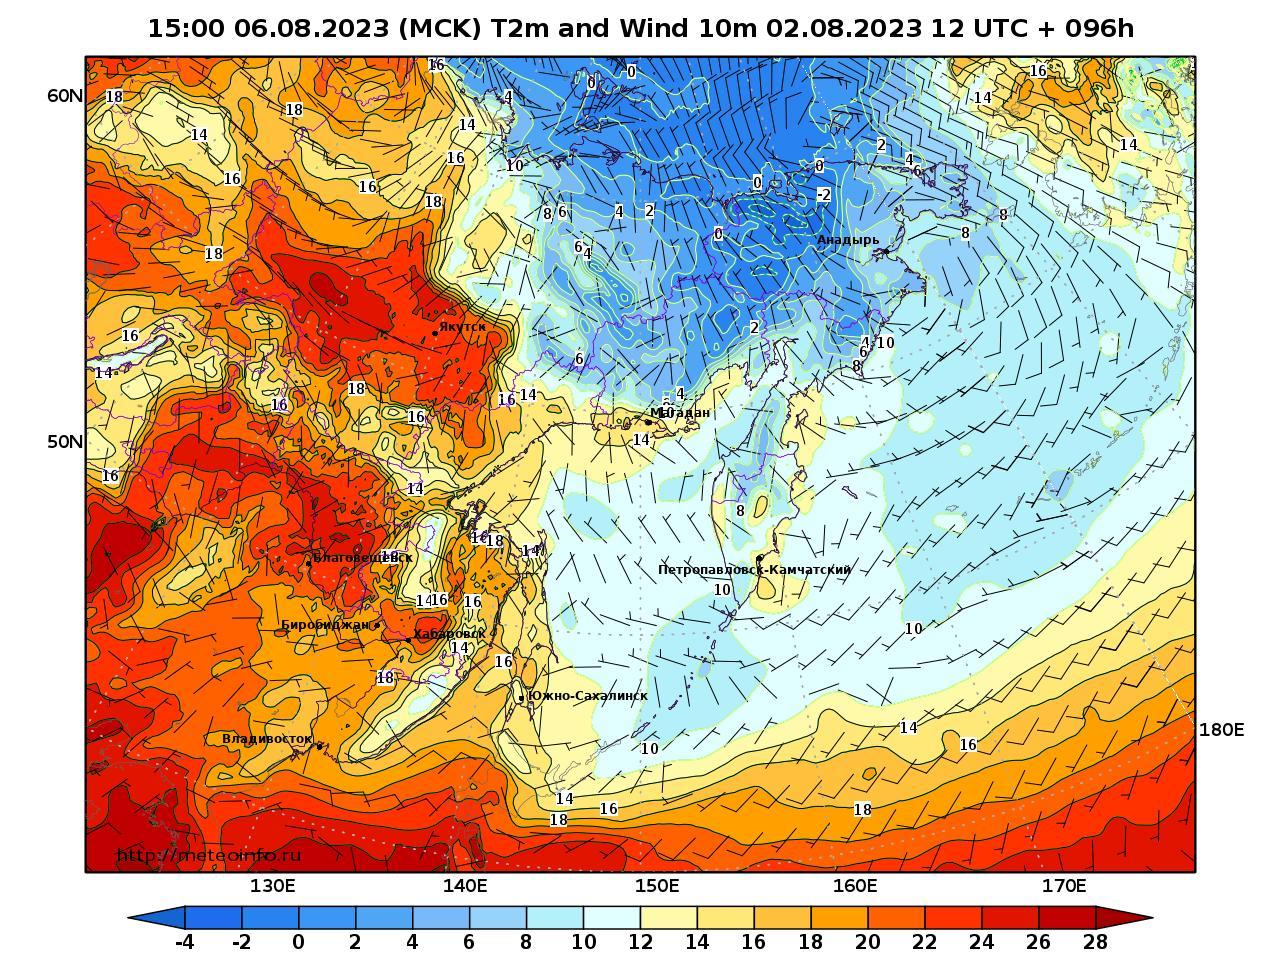 Дальний Восток, прогностическая карта приземная температура, заблаговременность прогноза 96 часов